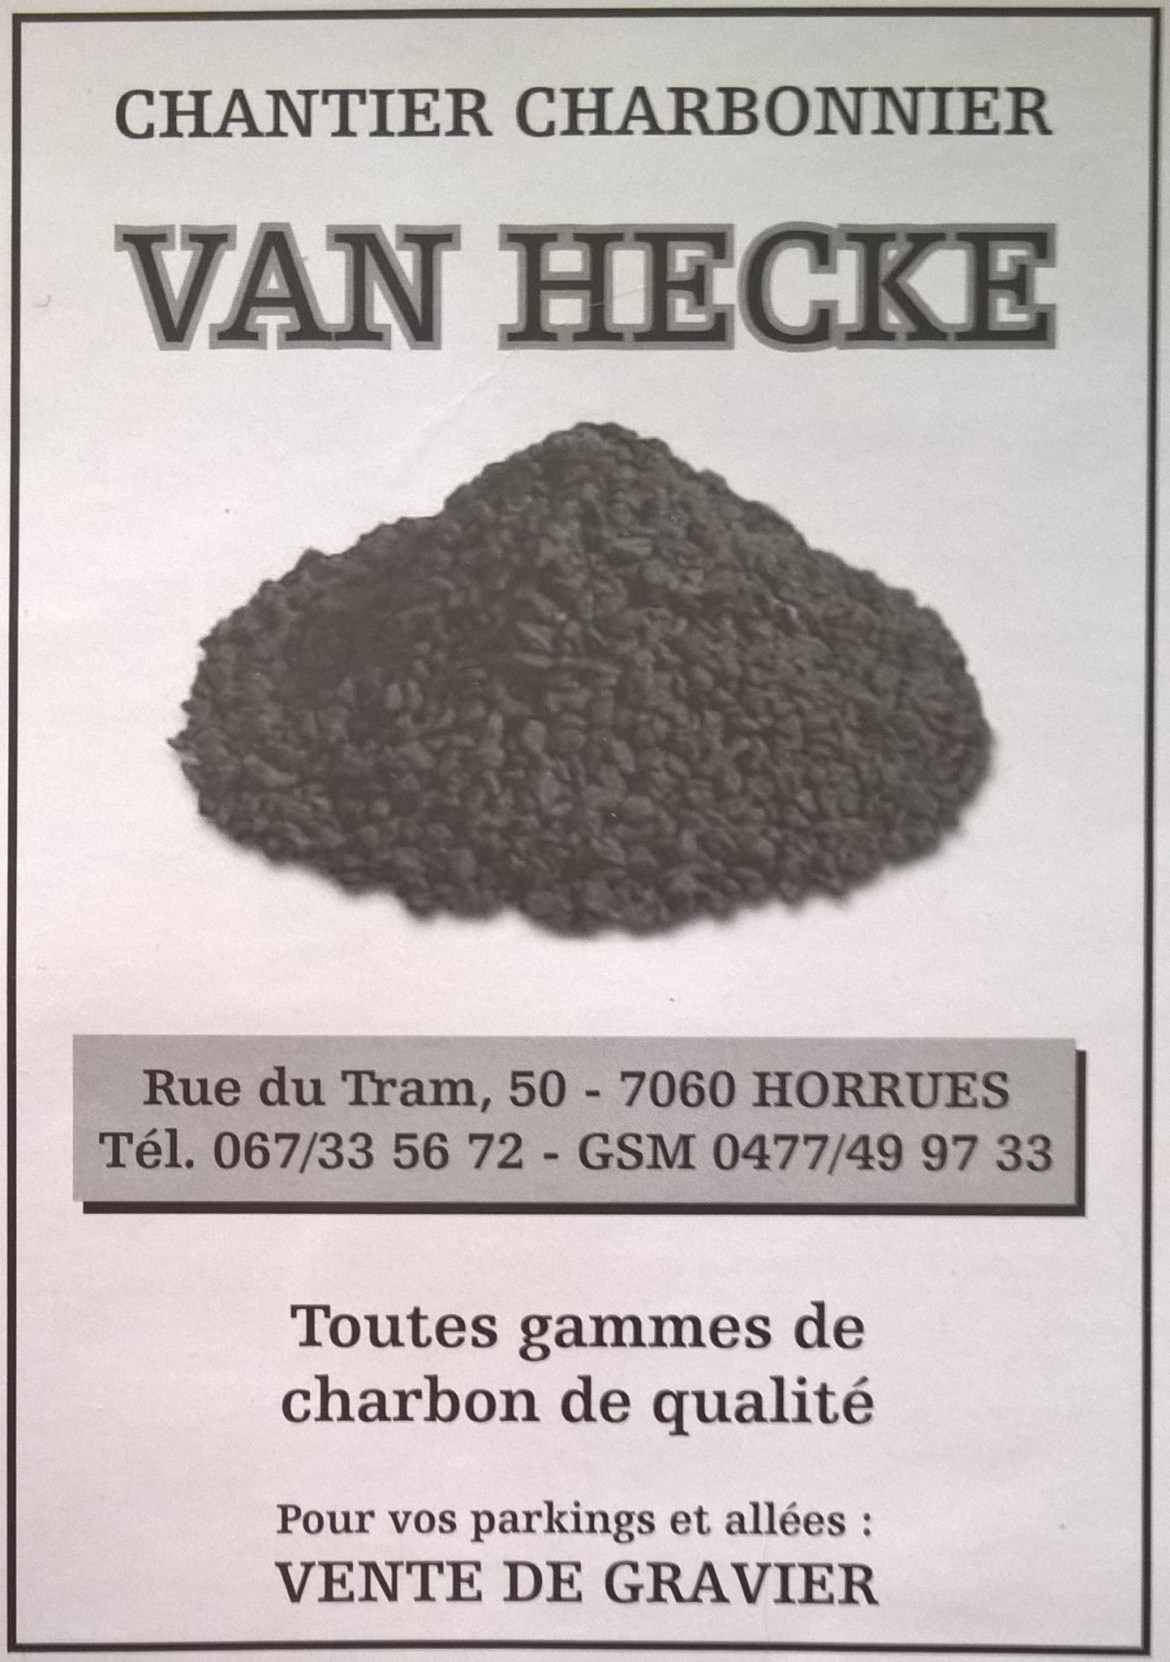 Van Hecke